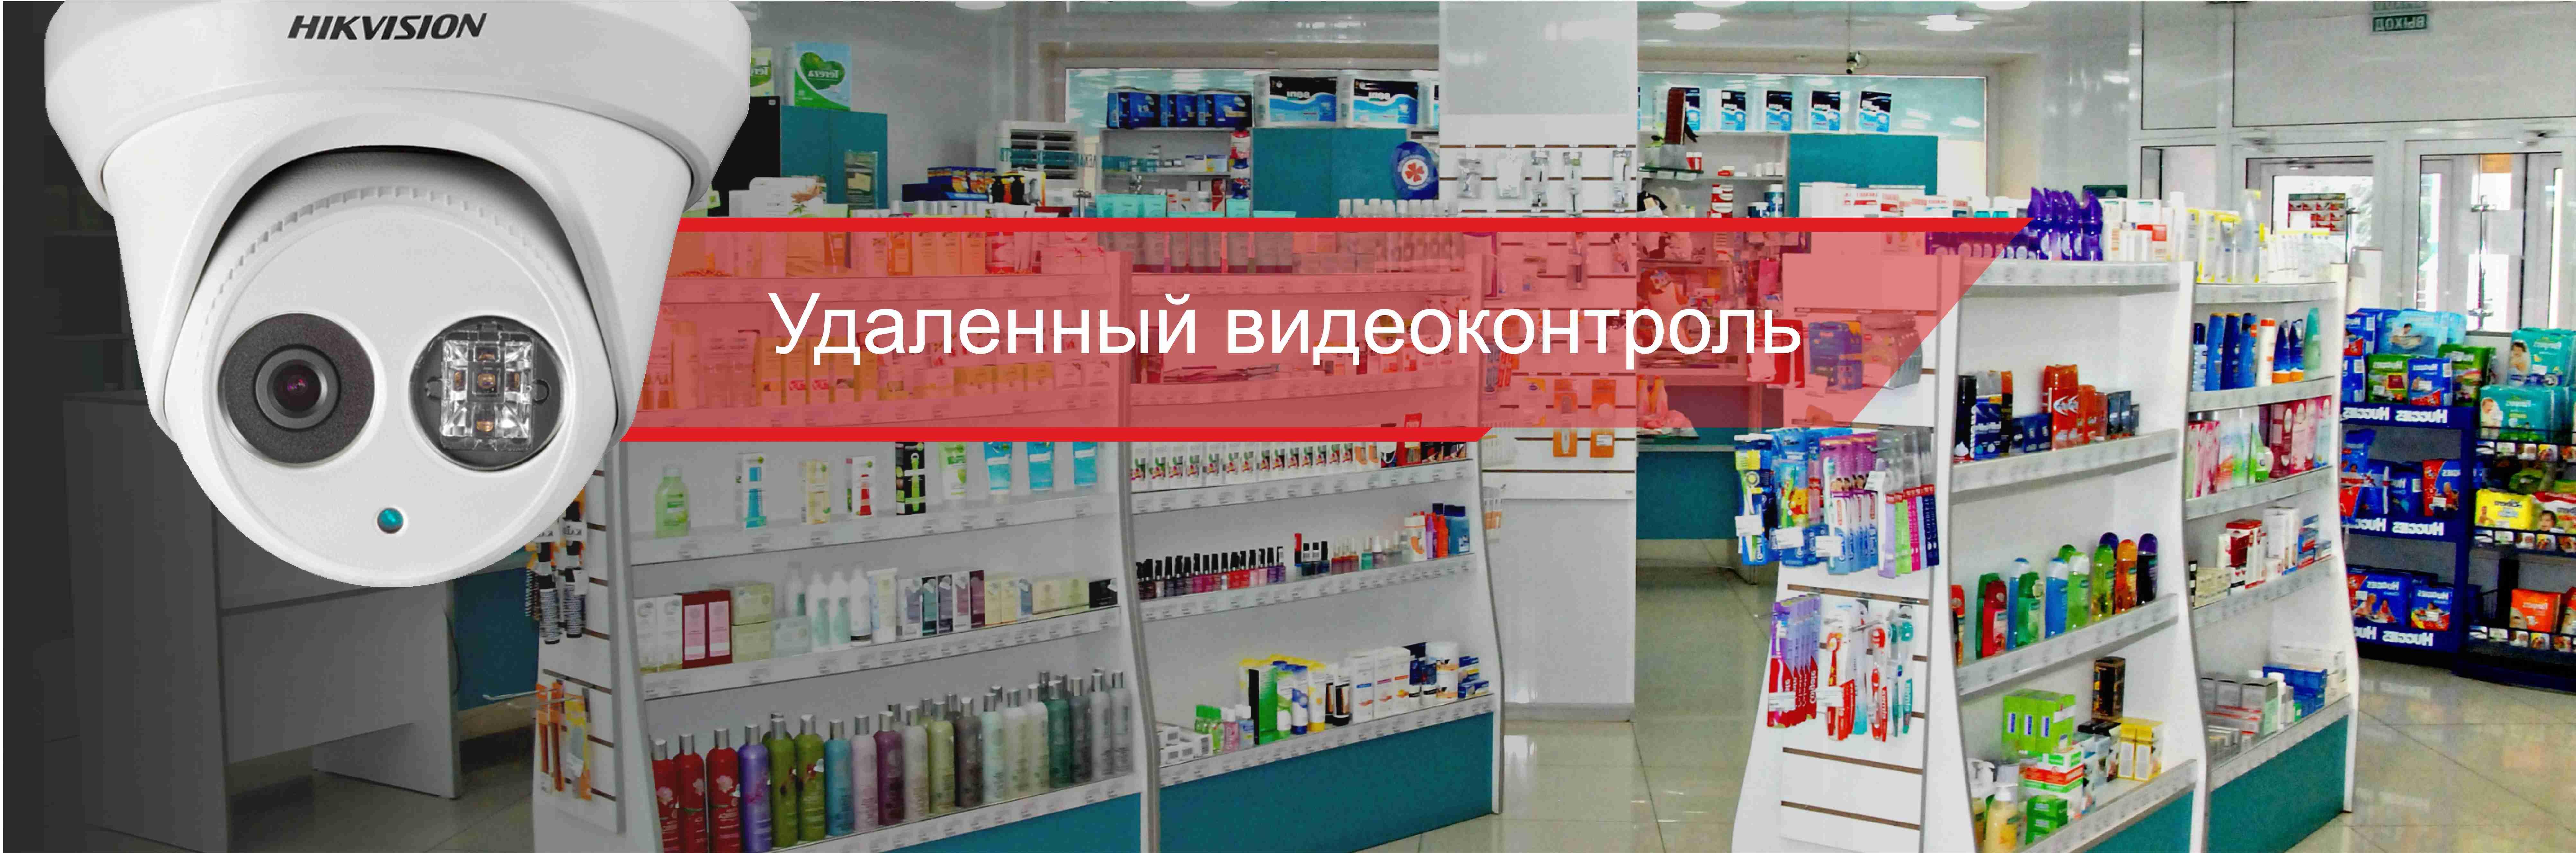 Видеонаблюдение в аптеке